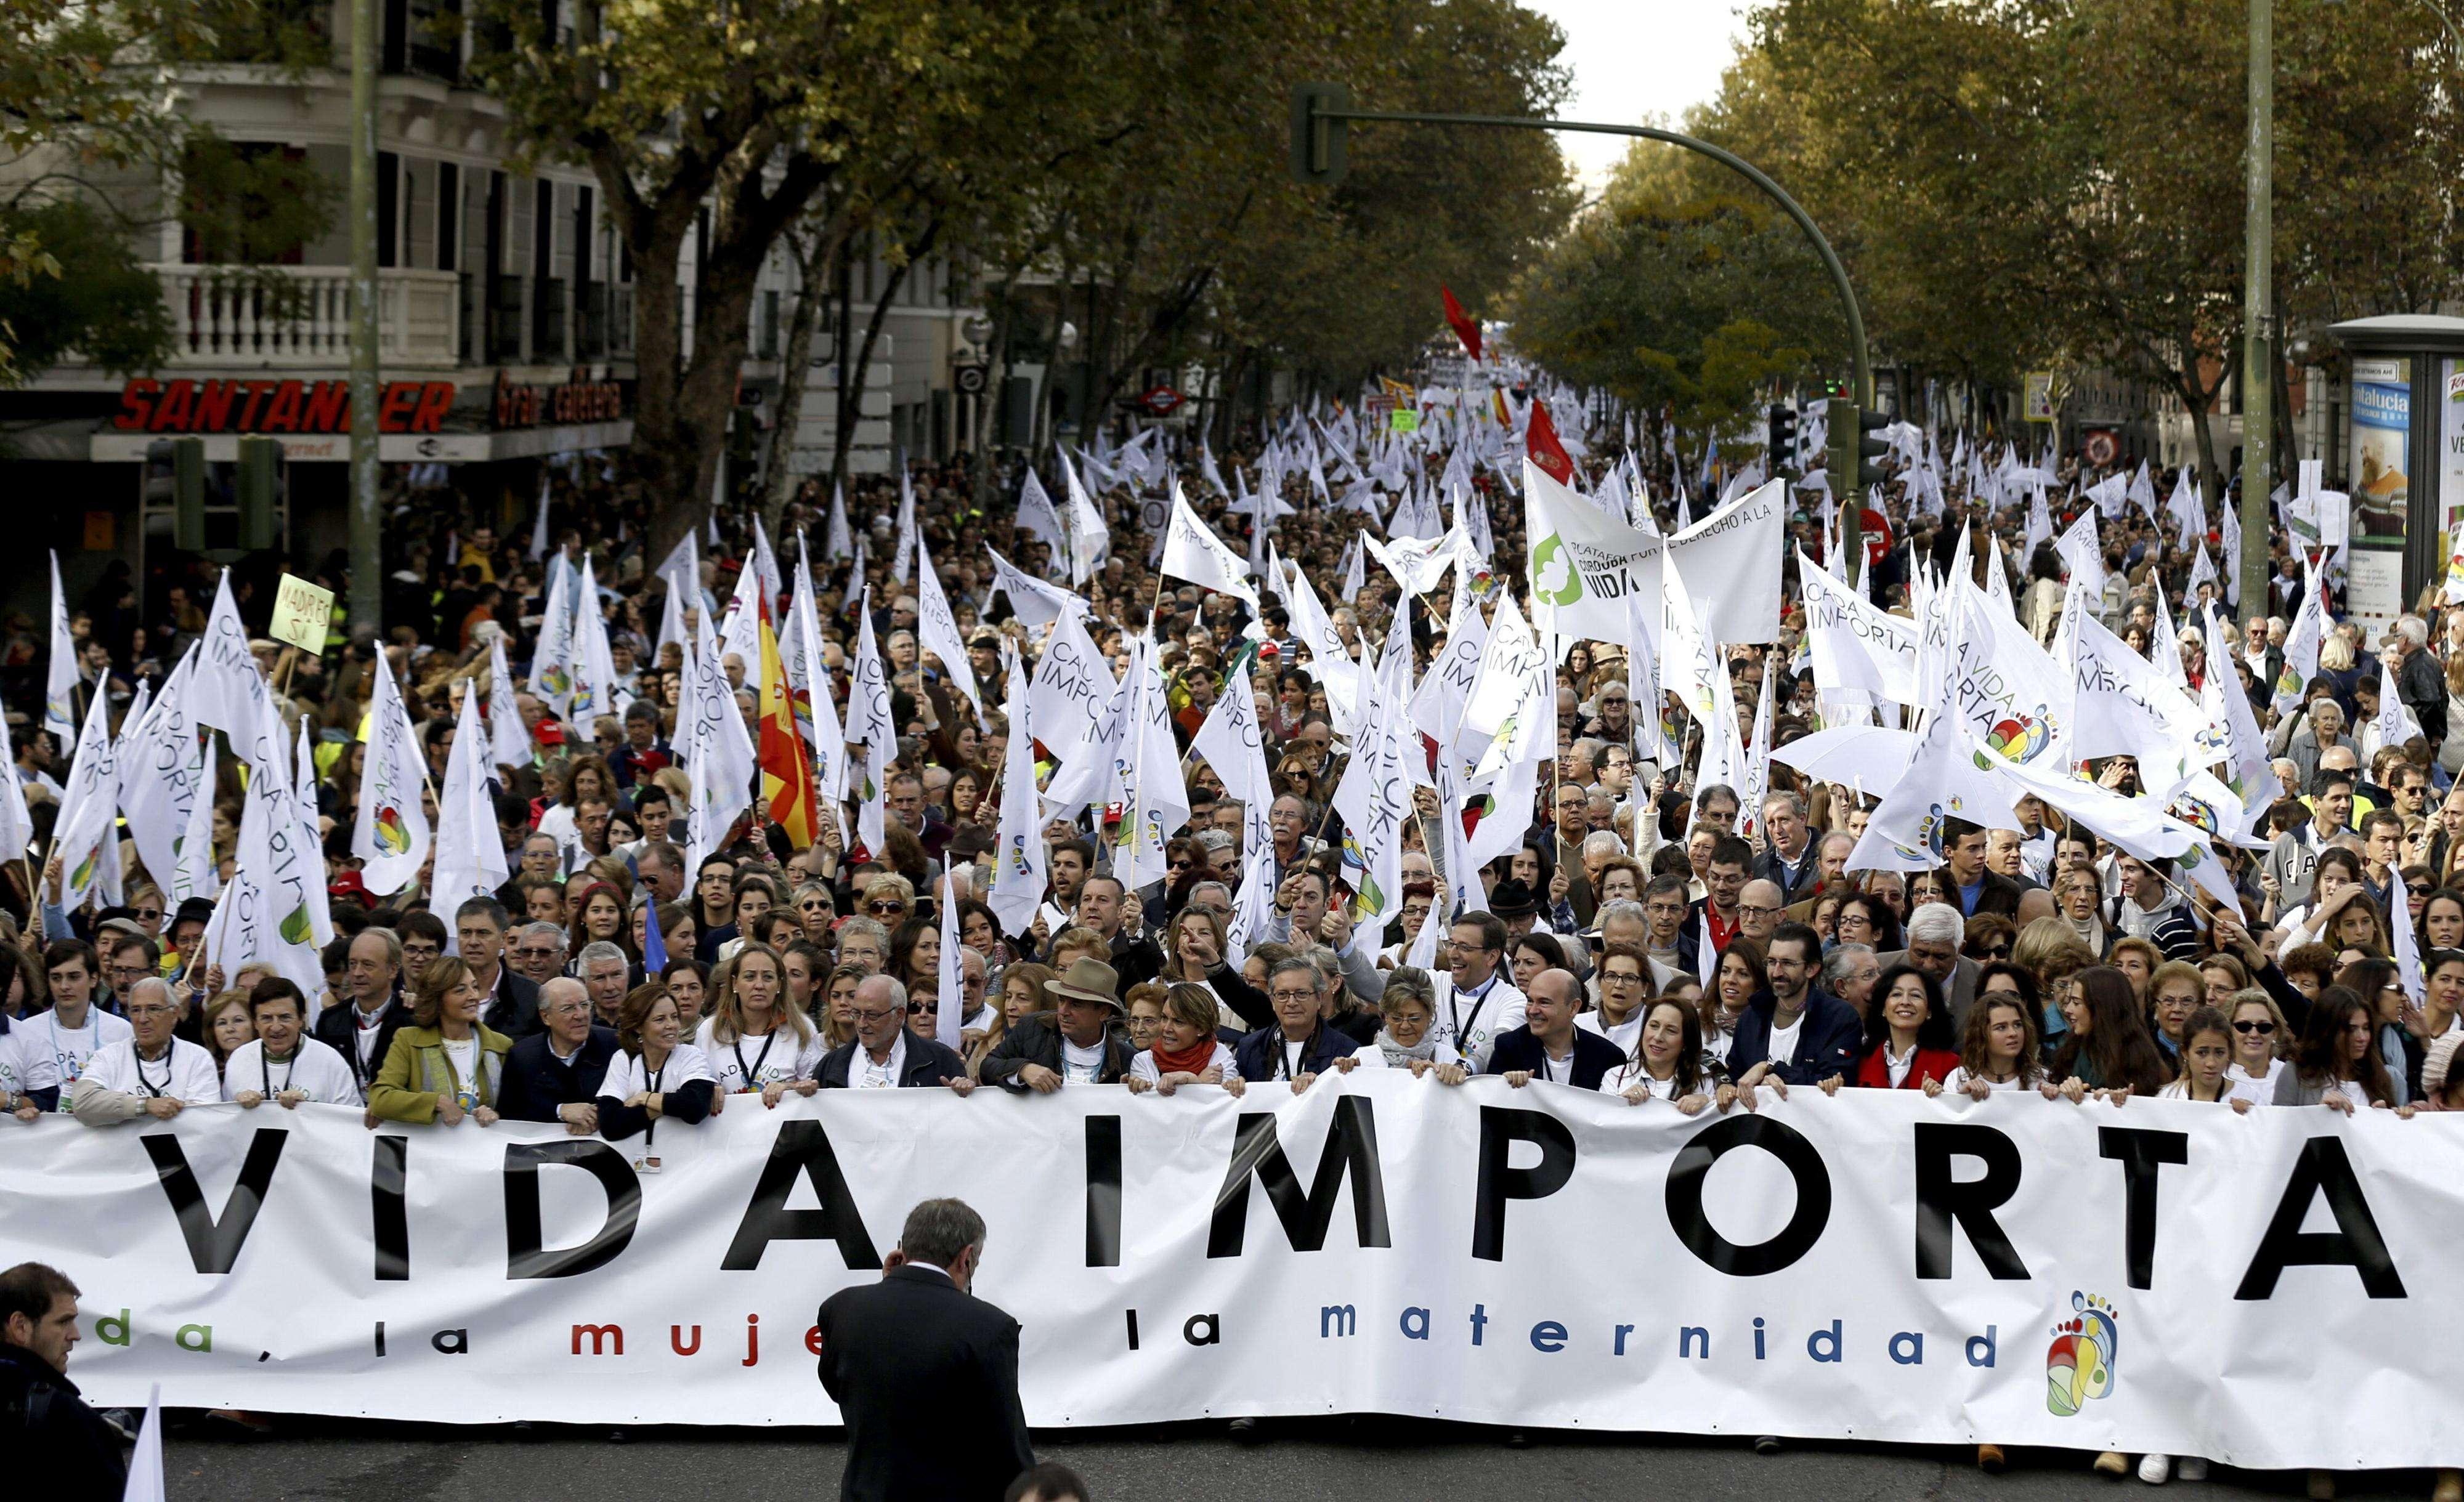 Cabeza de la manifestación celebrada hoy en Madrid, convocada por medio centenar de asociaciones provida para expresar el compromiso ciudadano con los derechos del no nacido y en contra de que el Gobierno haya retirado la reforma de la actual ley del aborto. Foto: EFE en español